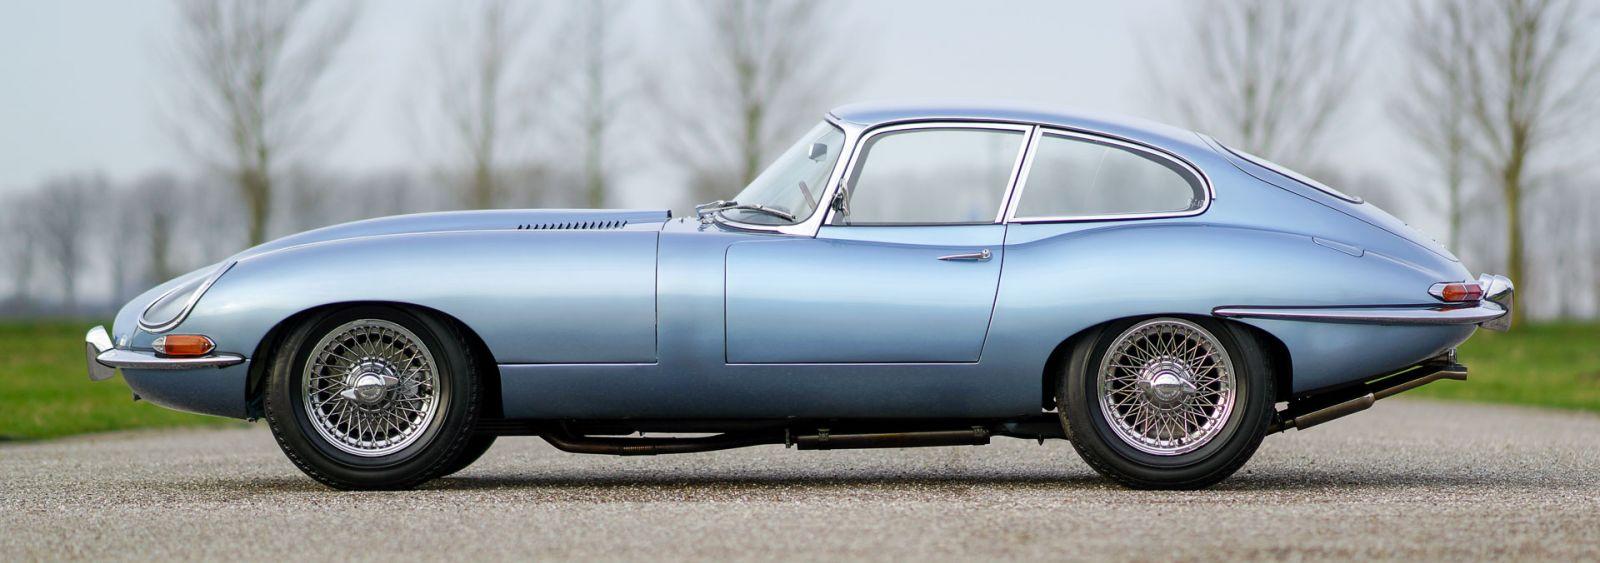 Jaguar E-type 4.2 Litre FHC, 1965 - Classicargarage - DE